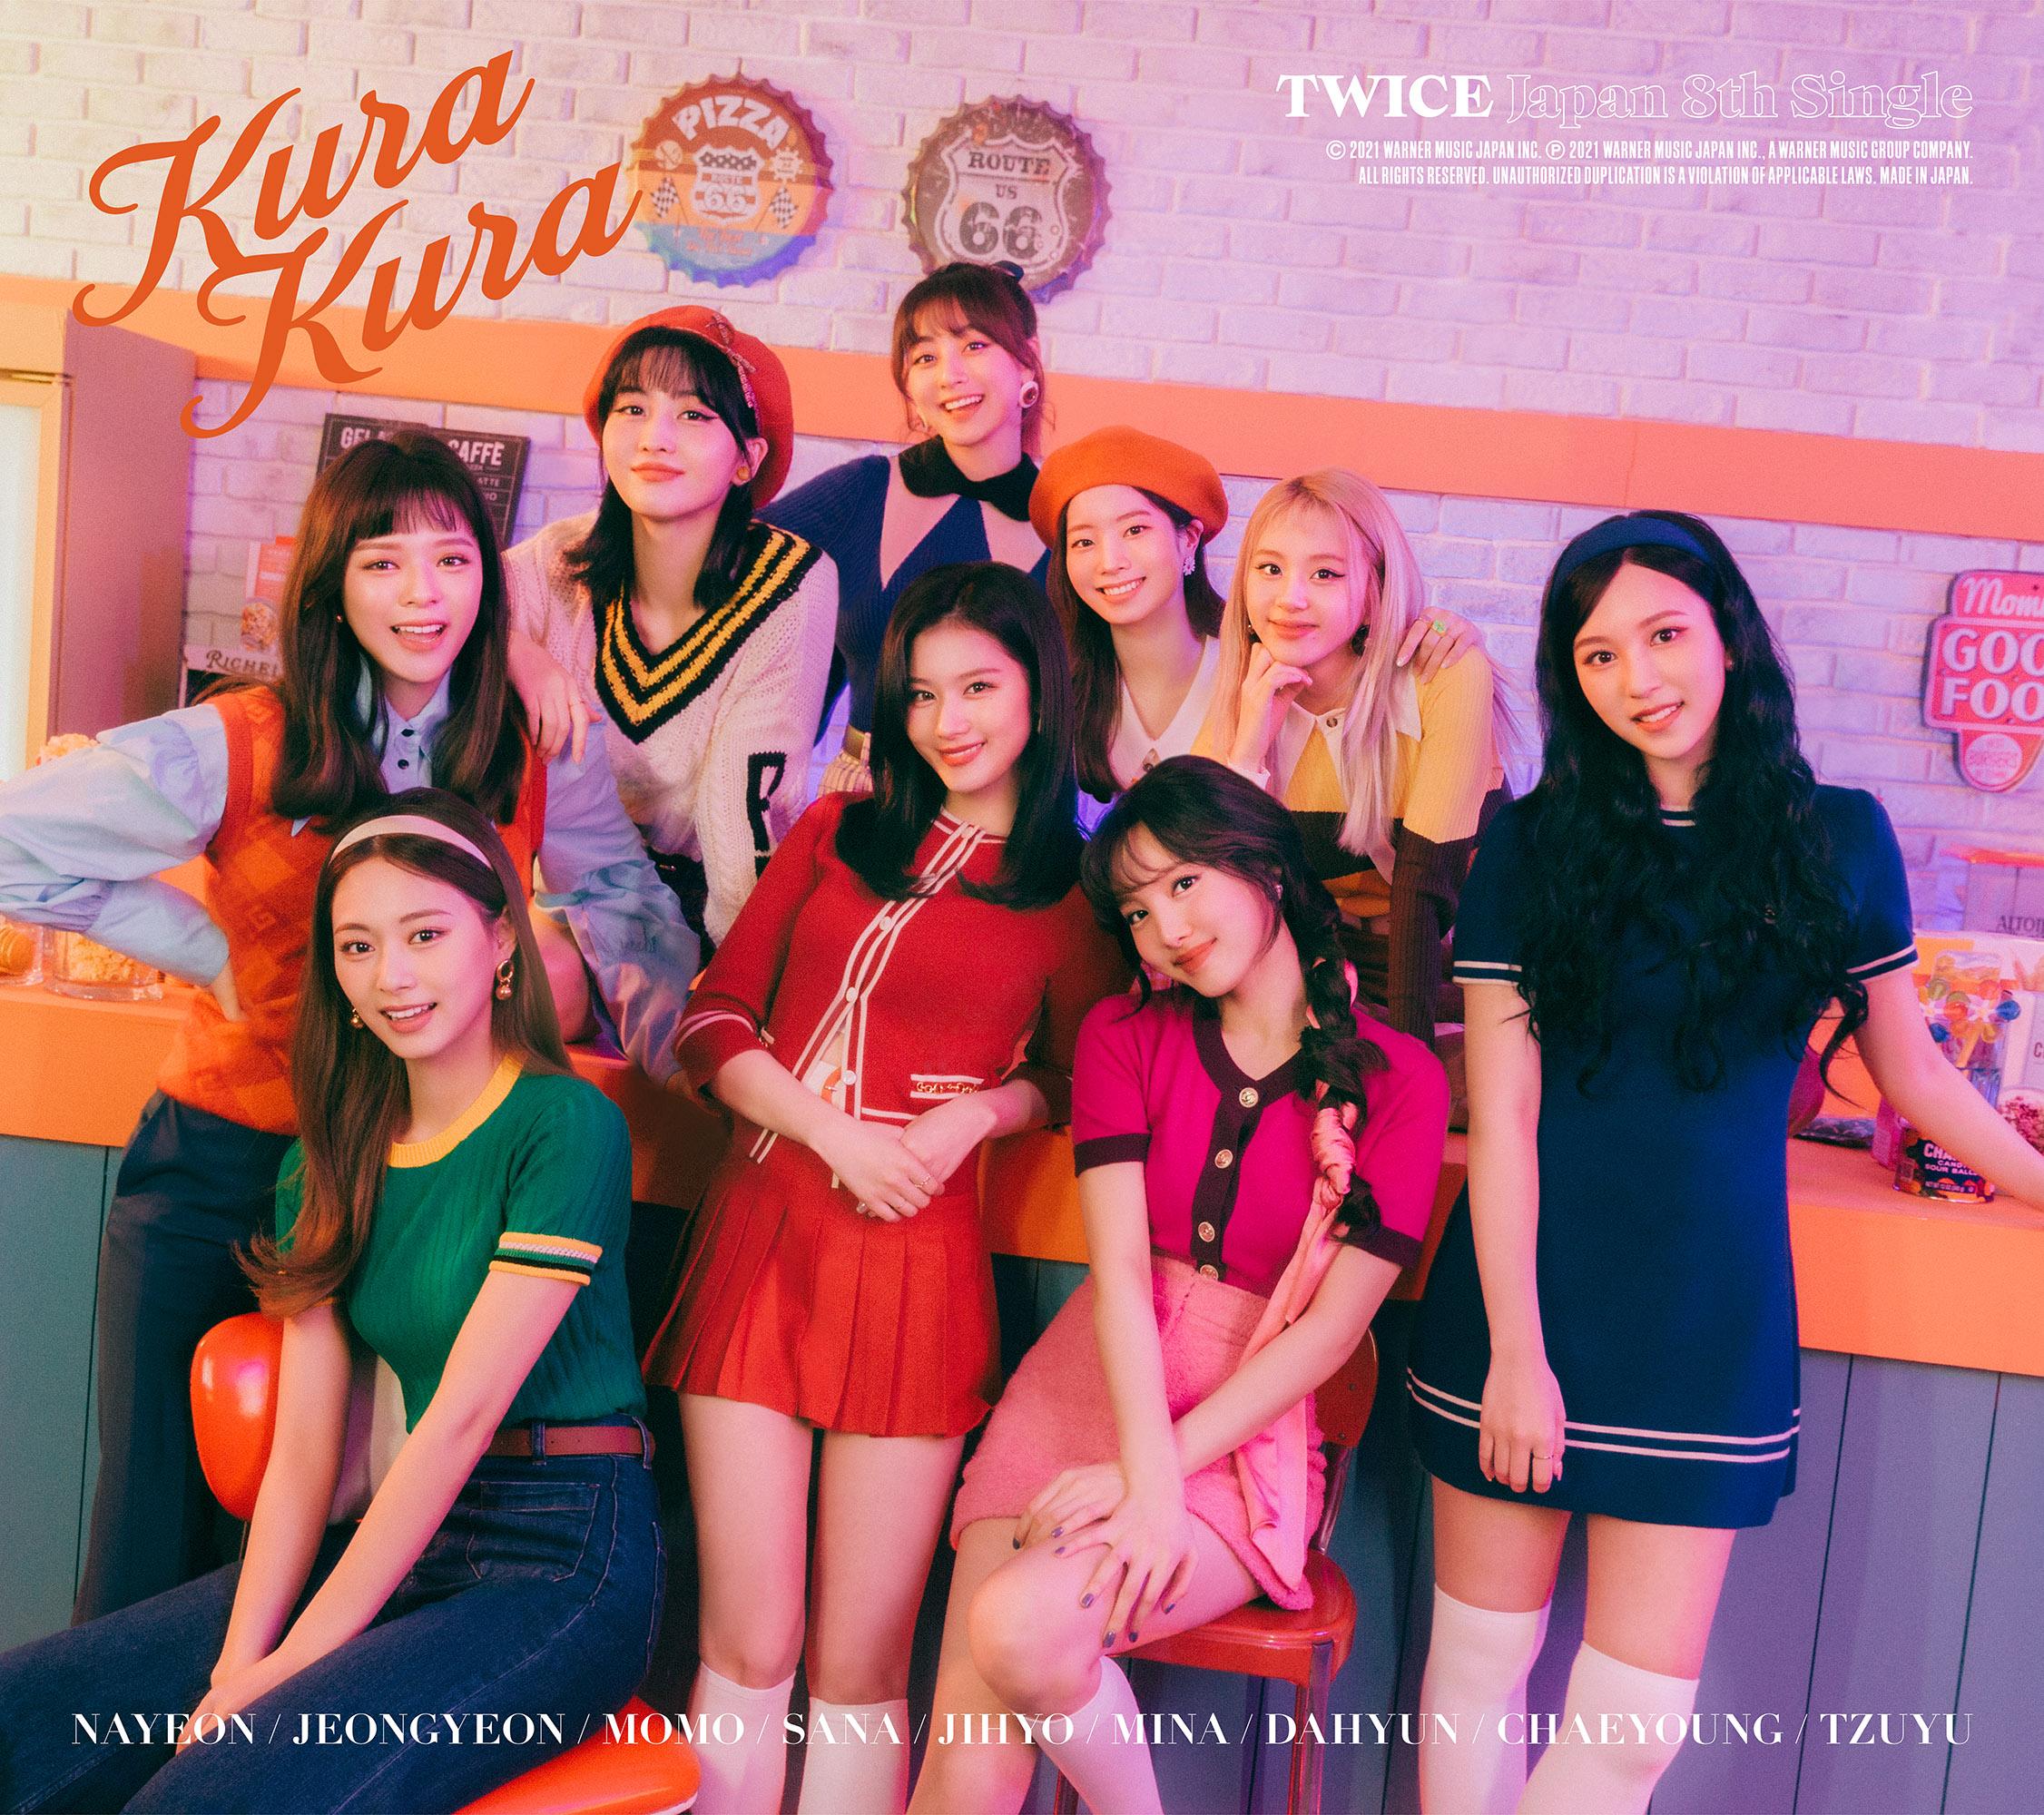 Twice Kura Kura Album Cover